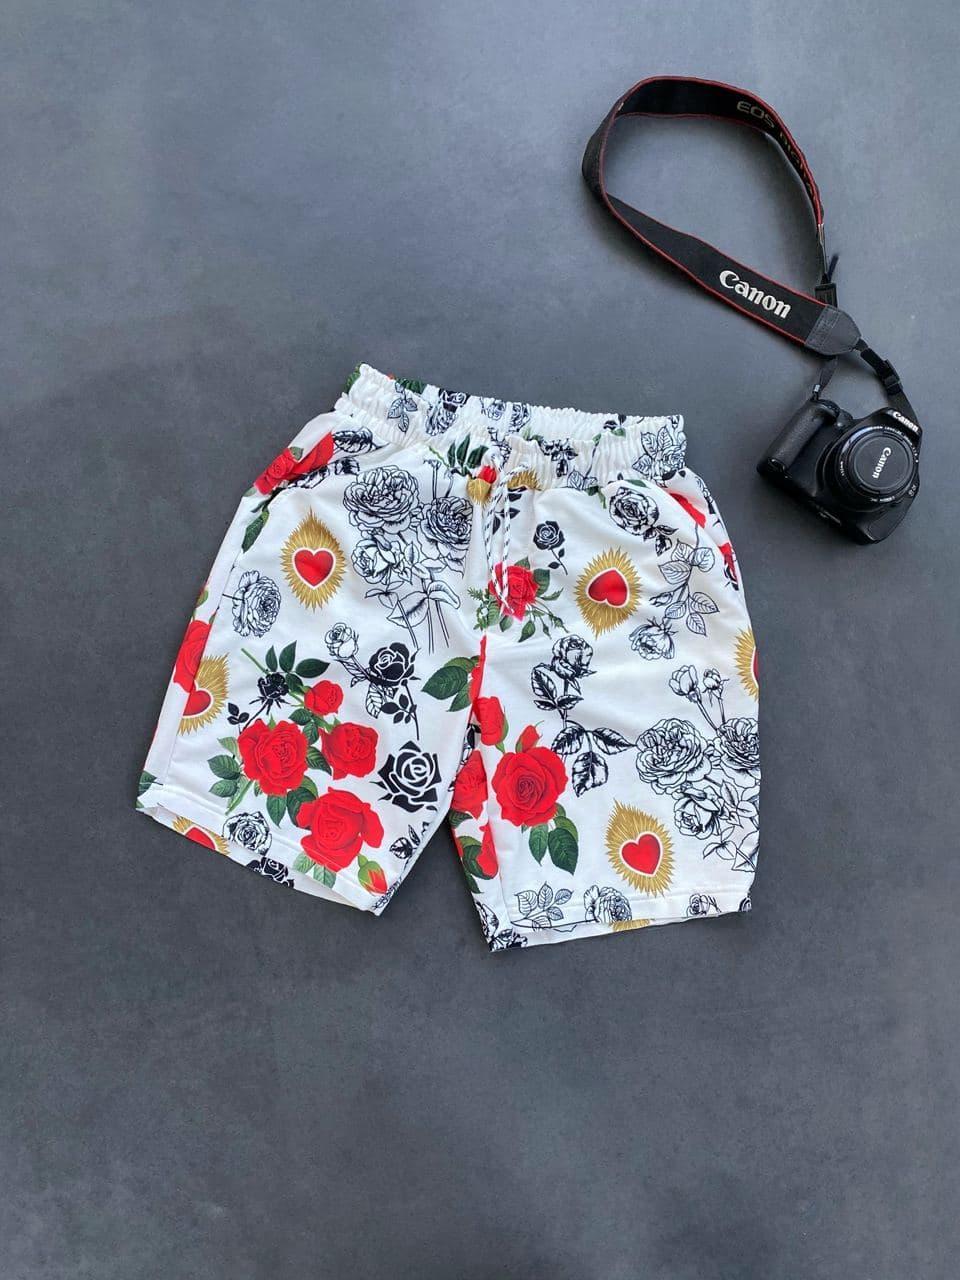 Чоловічі плавальні шорти з трояндочками (білі) для пляжу на літо Ssl15